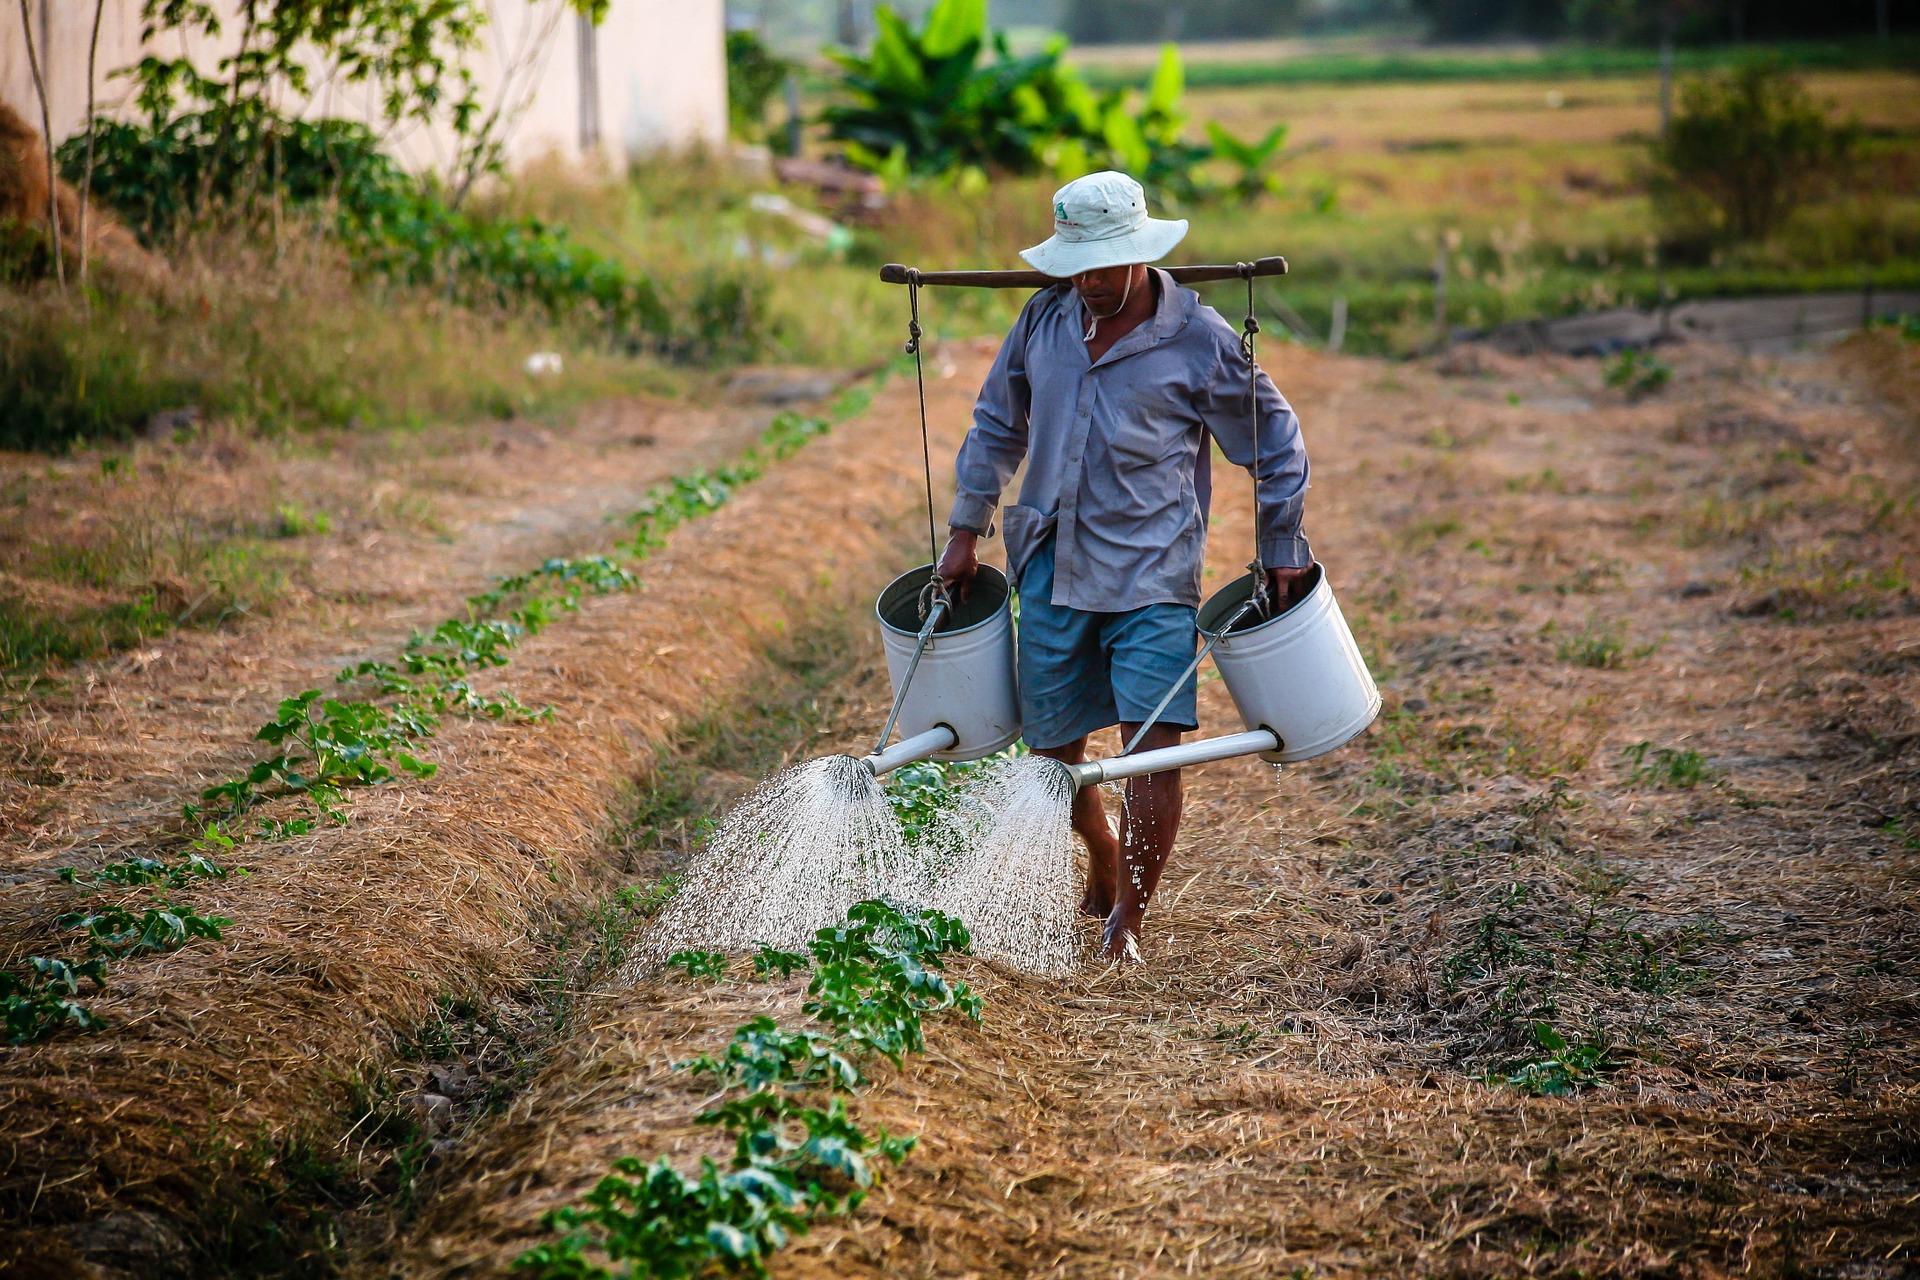 watering-1501209_1920